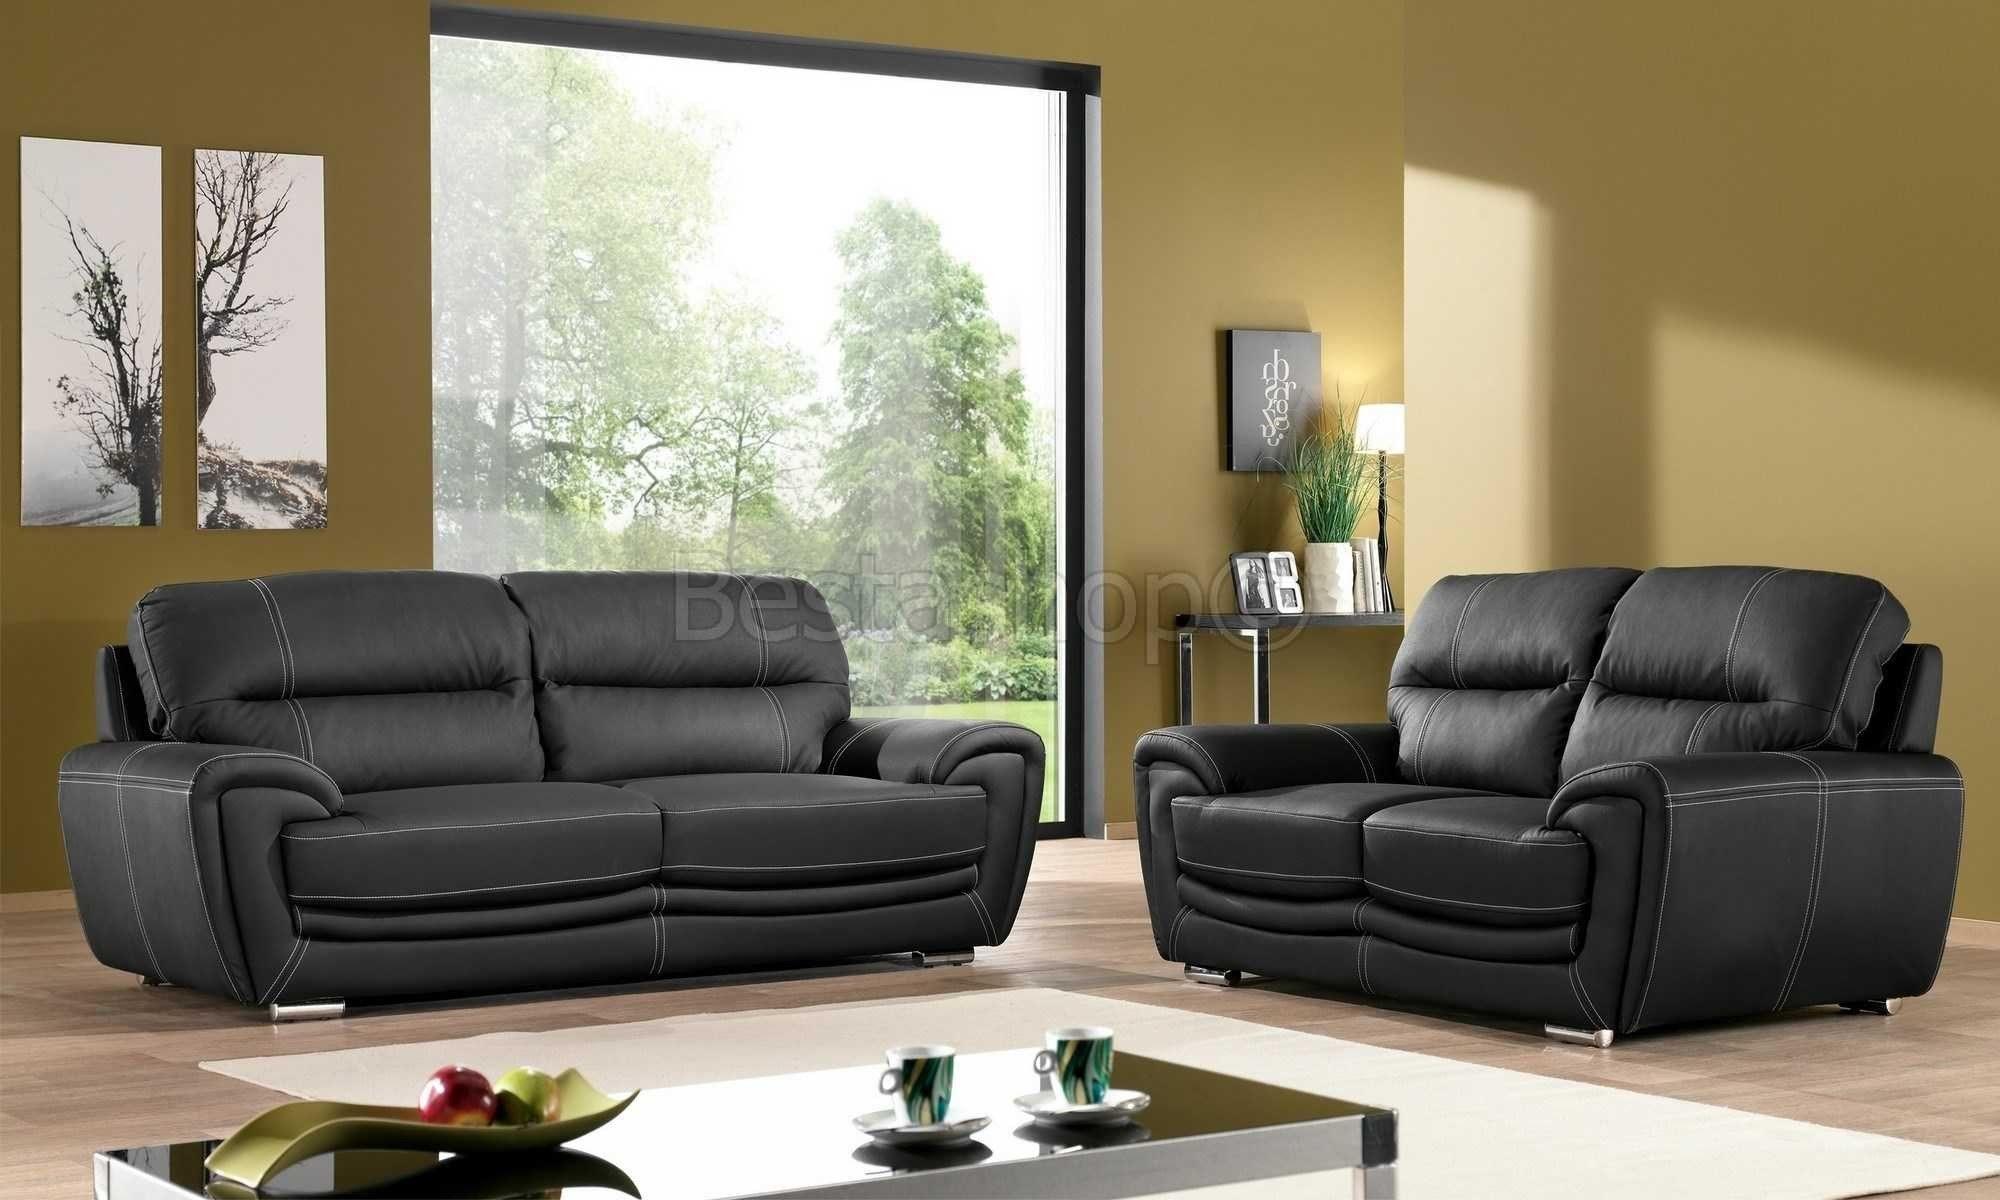 Canapé Lit Conforama Frais Artistique Conforama Canapé Lit Avec Canapé Lit Design